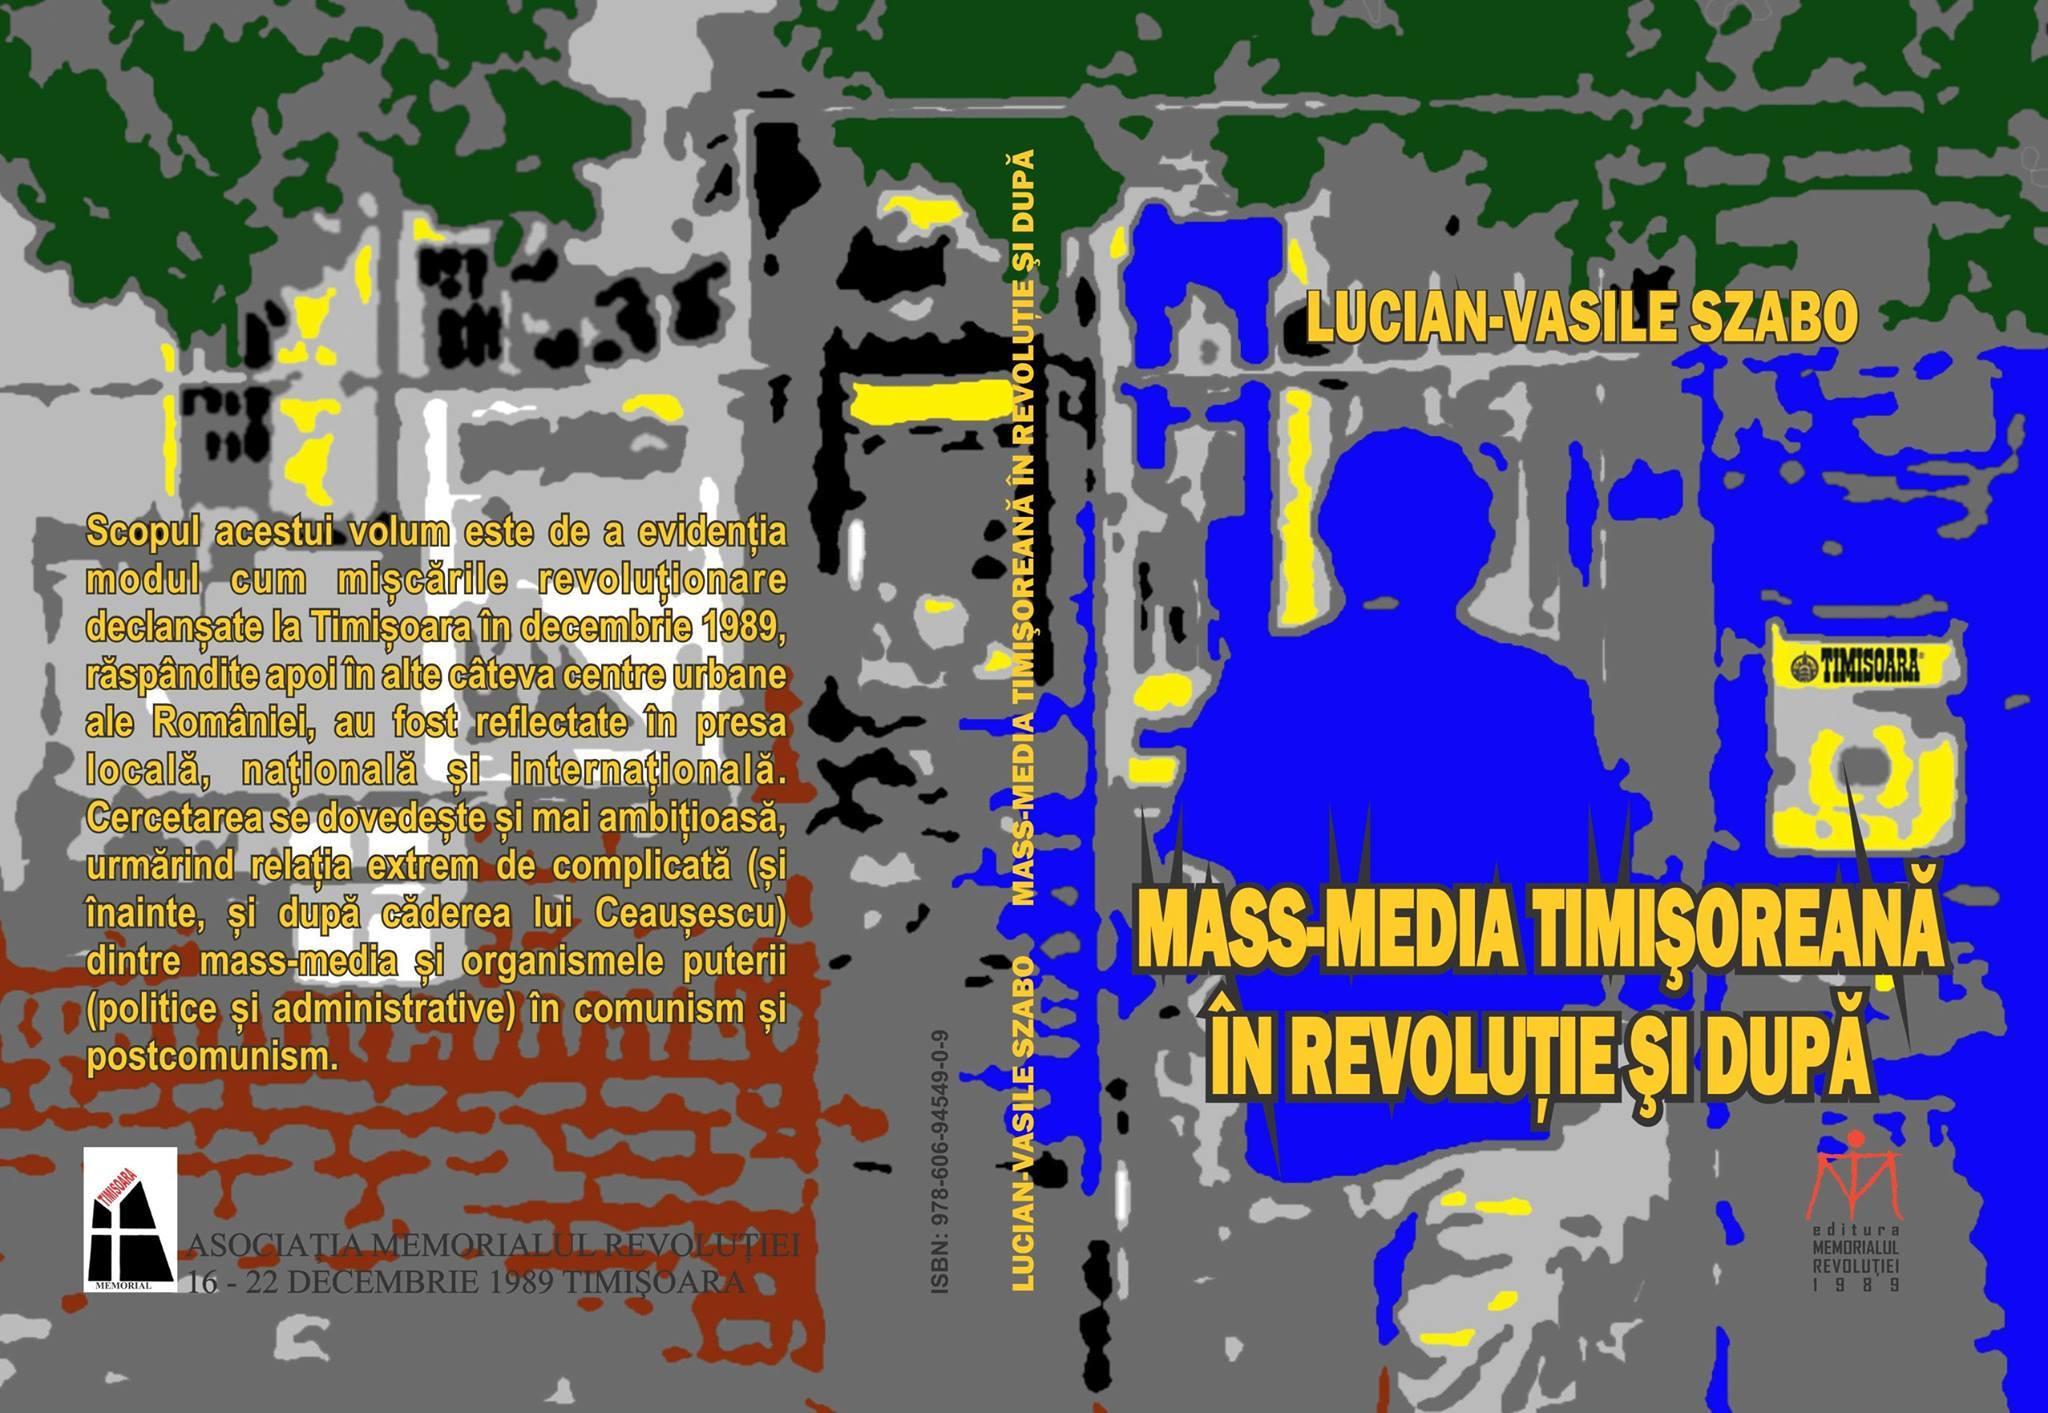 Mass-media timișoreană în revoluție și după